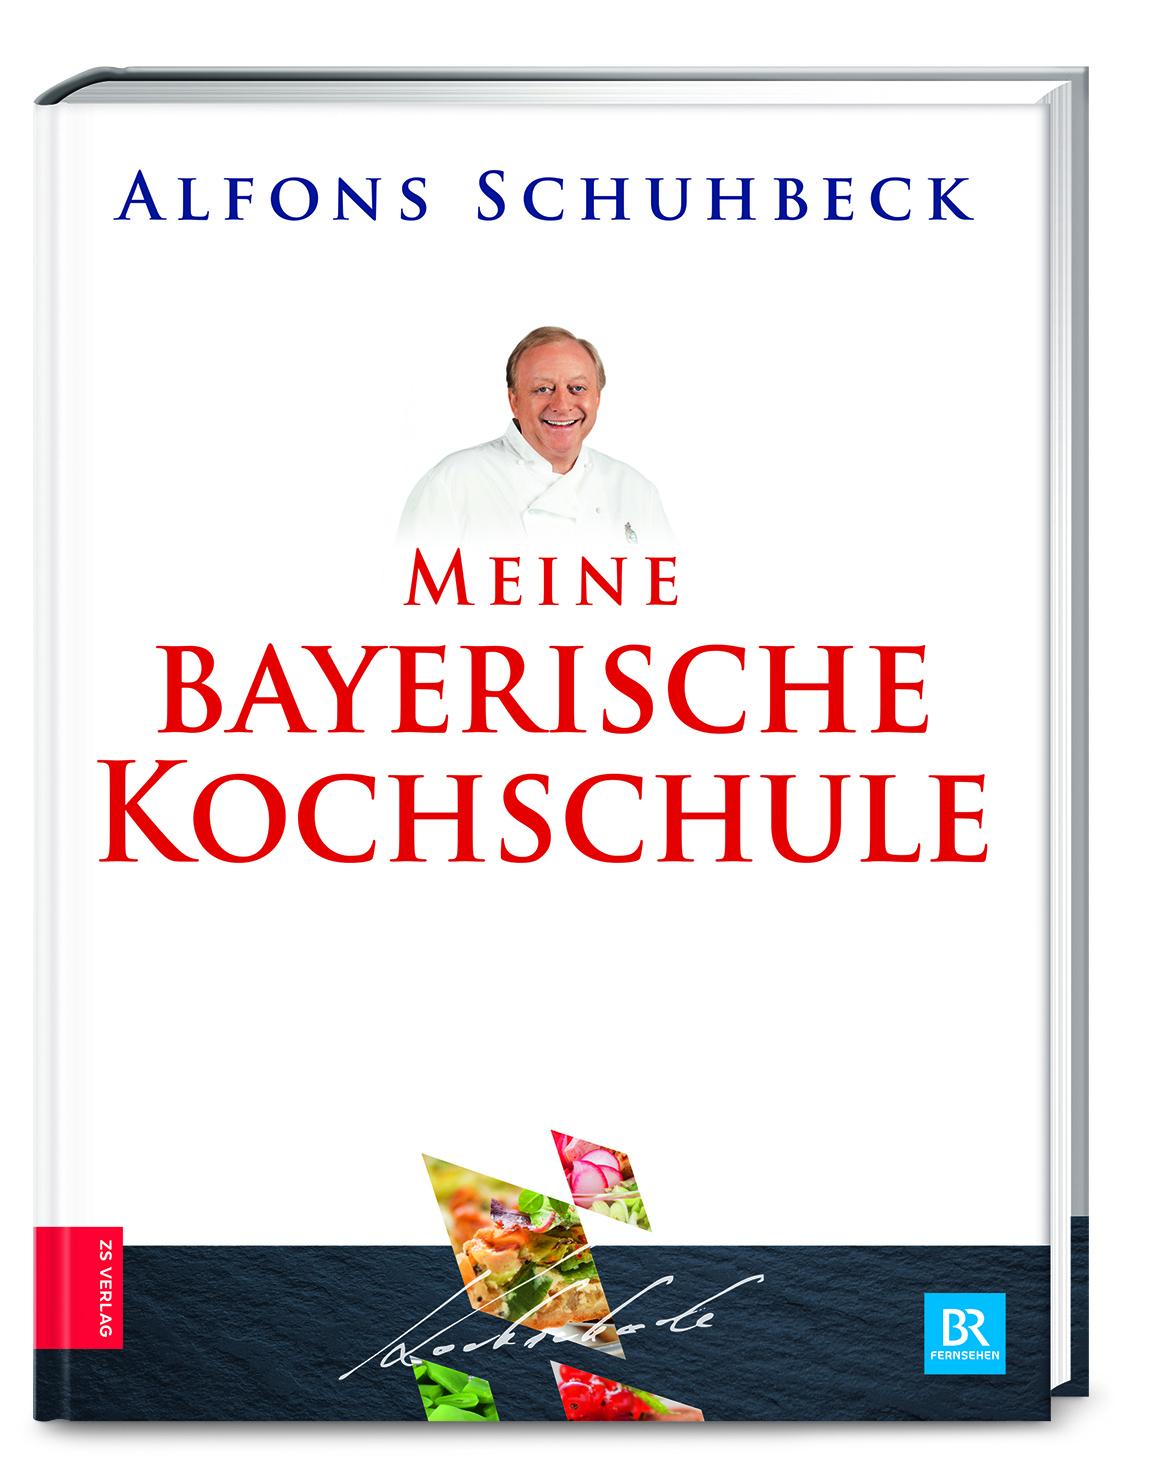 Meine bayerische Kochschule – ZS Verlag